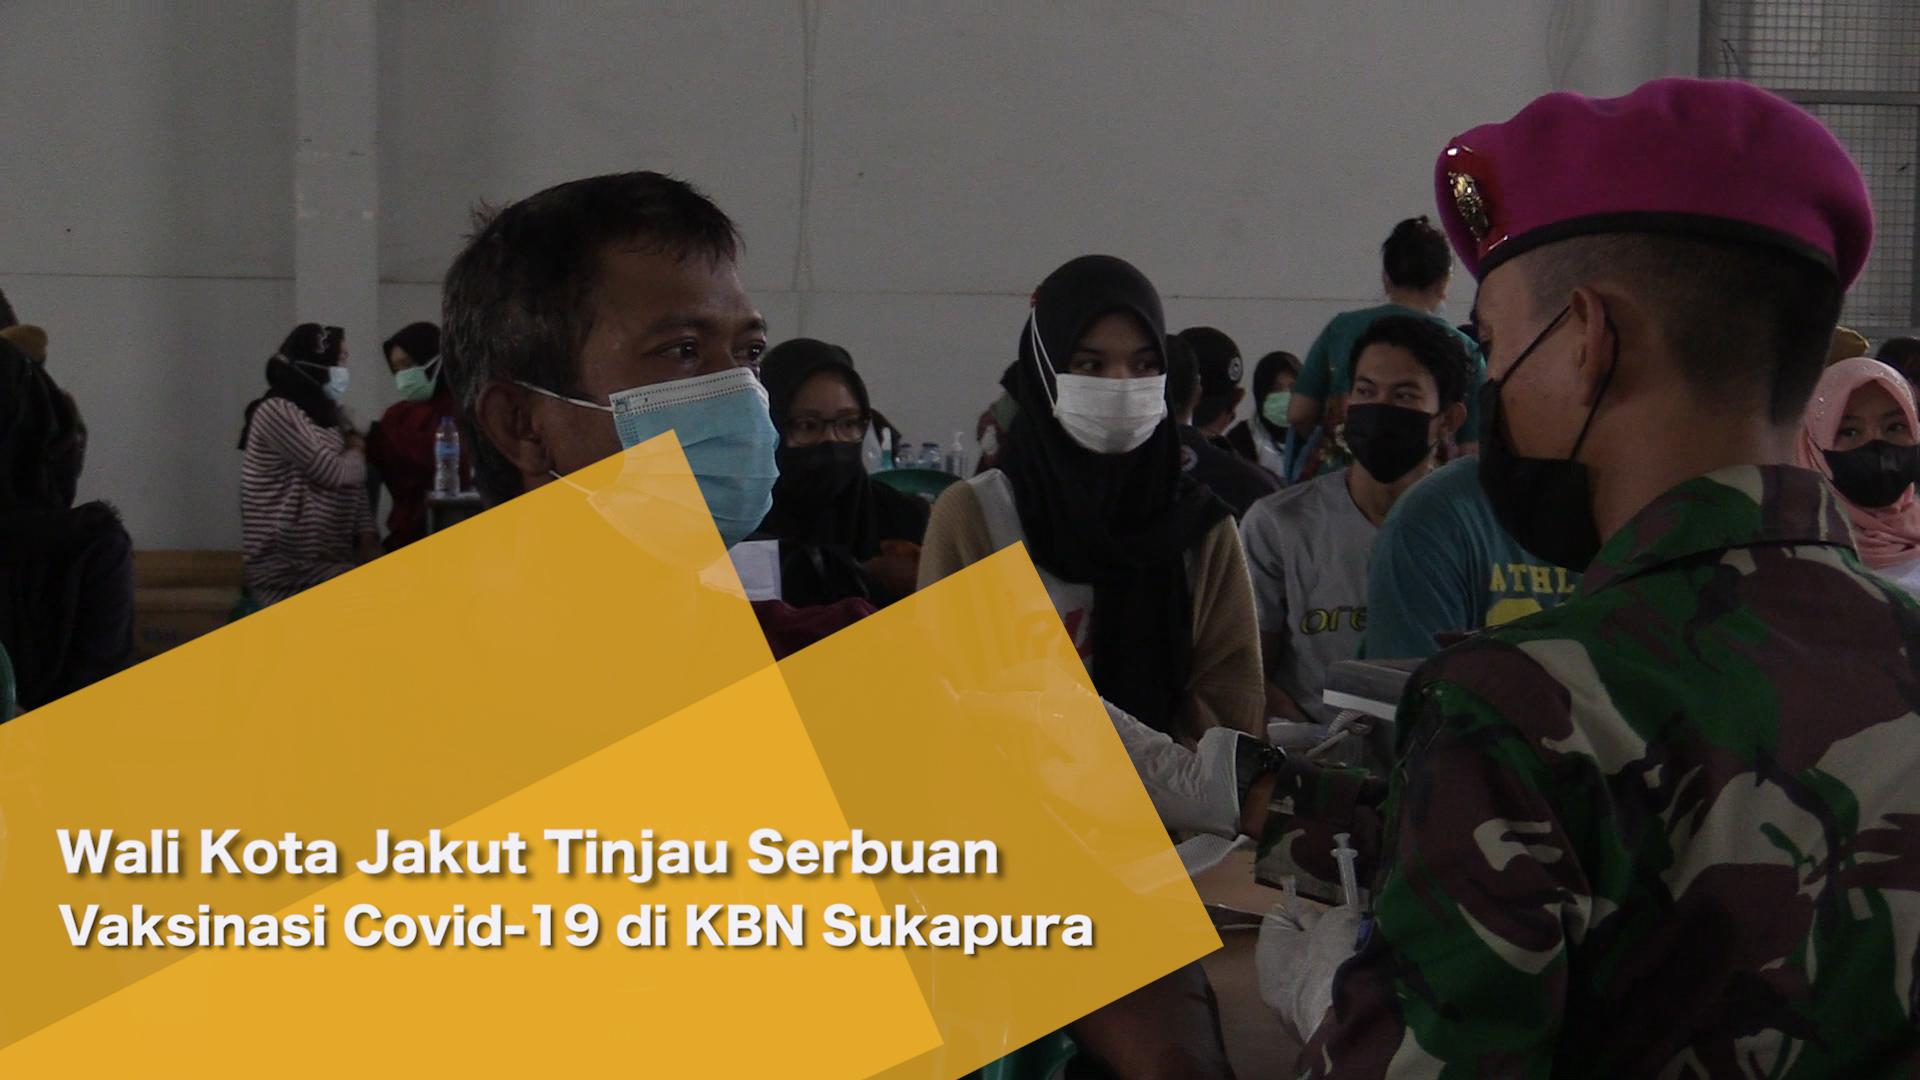 Wali Kota Jakut Tinjau Serbuan Vaksinasi Covid-19 di KBN Sukapura